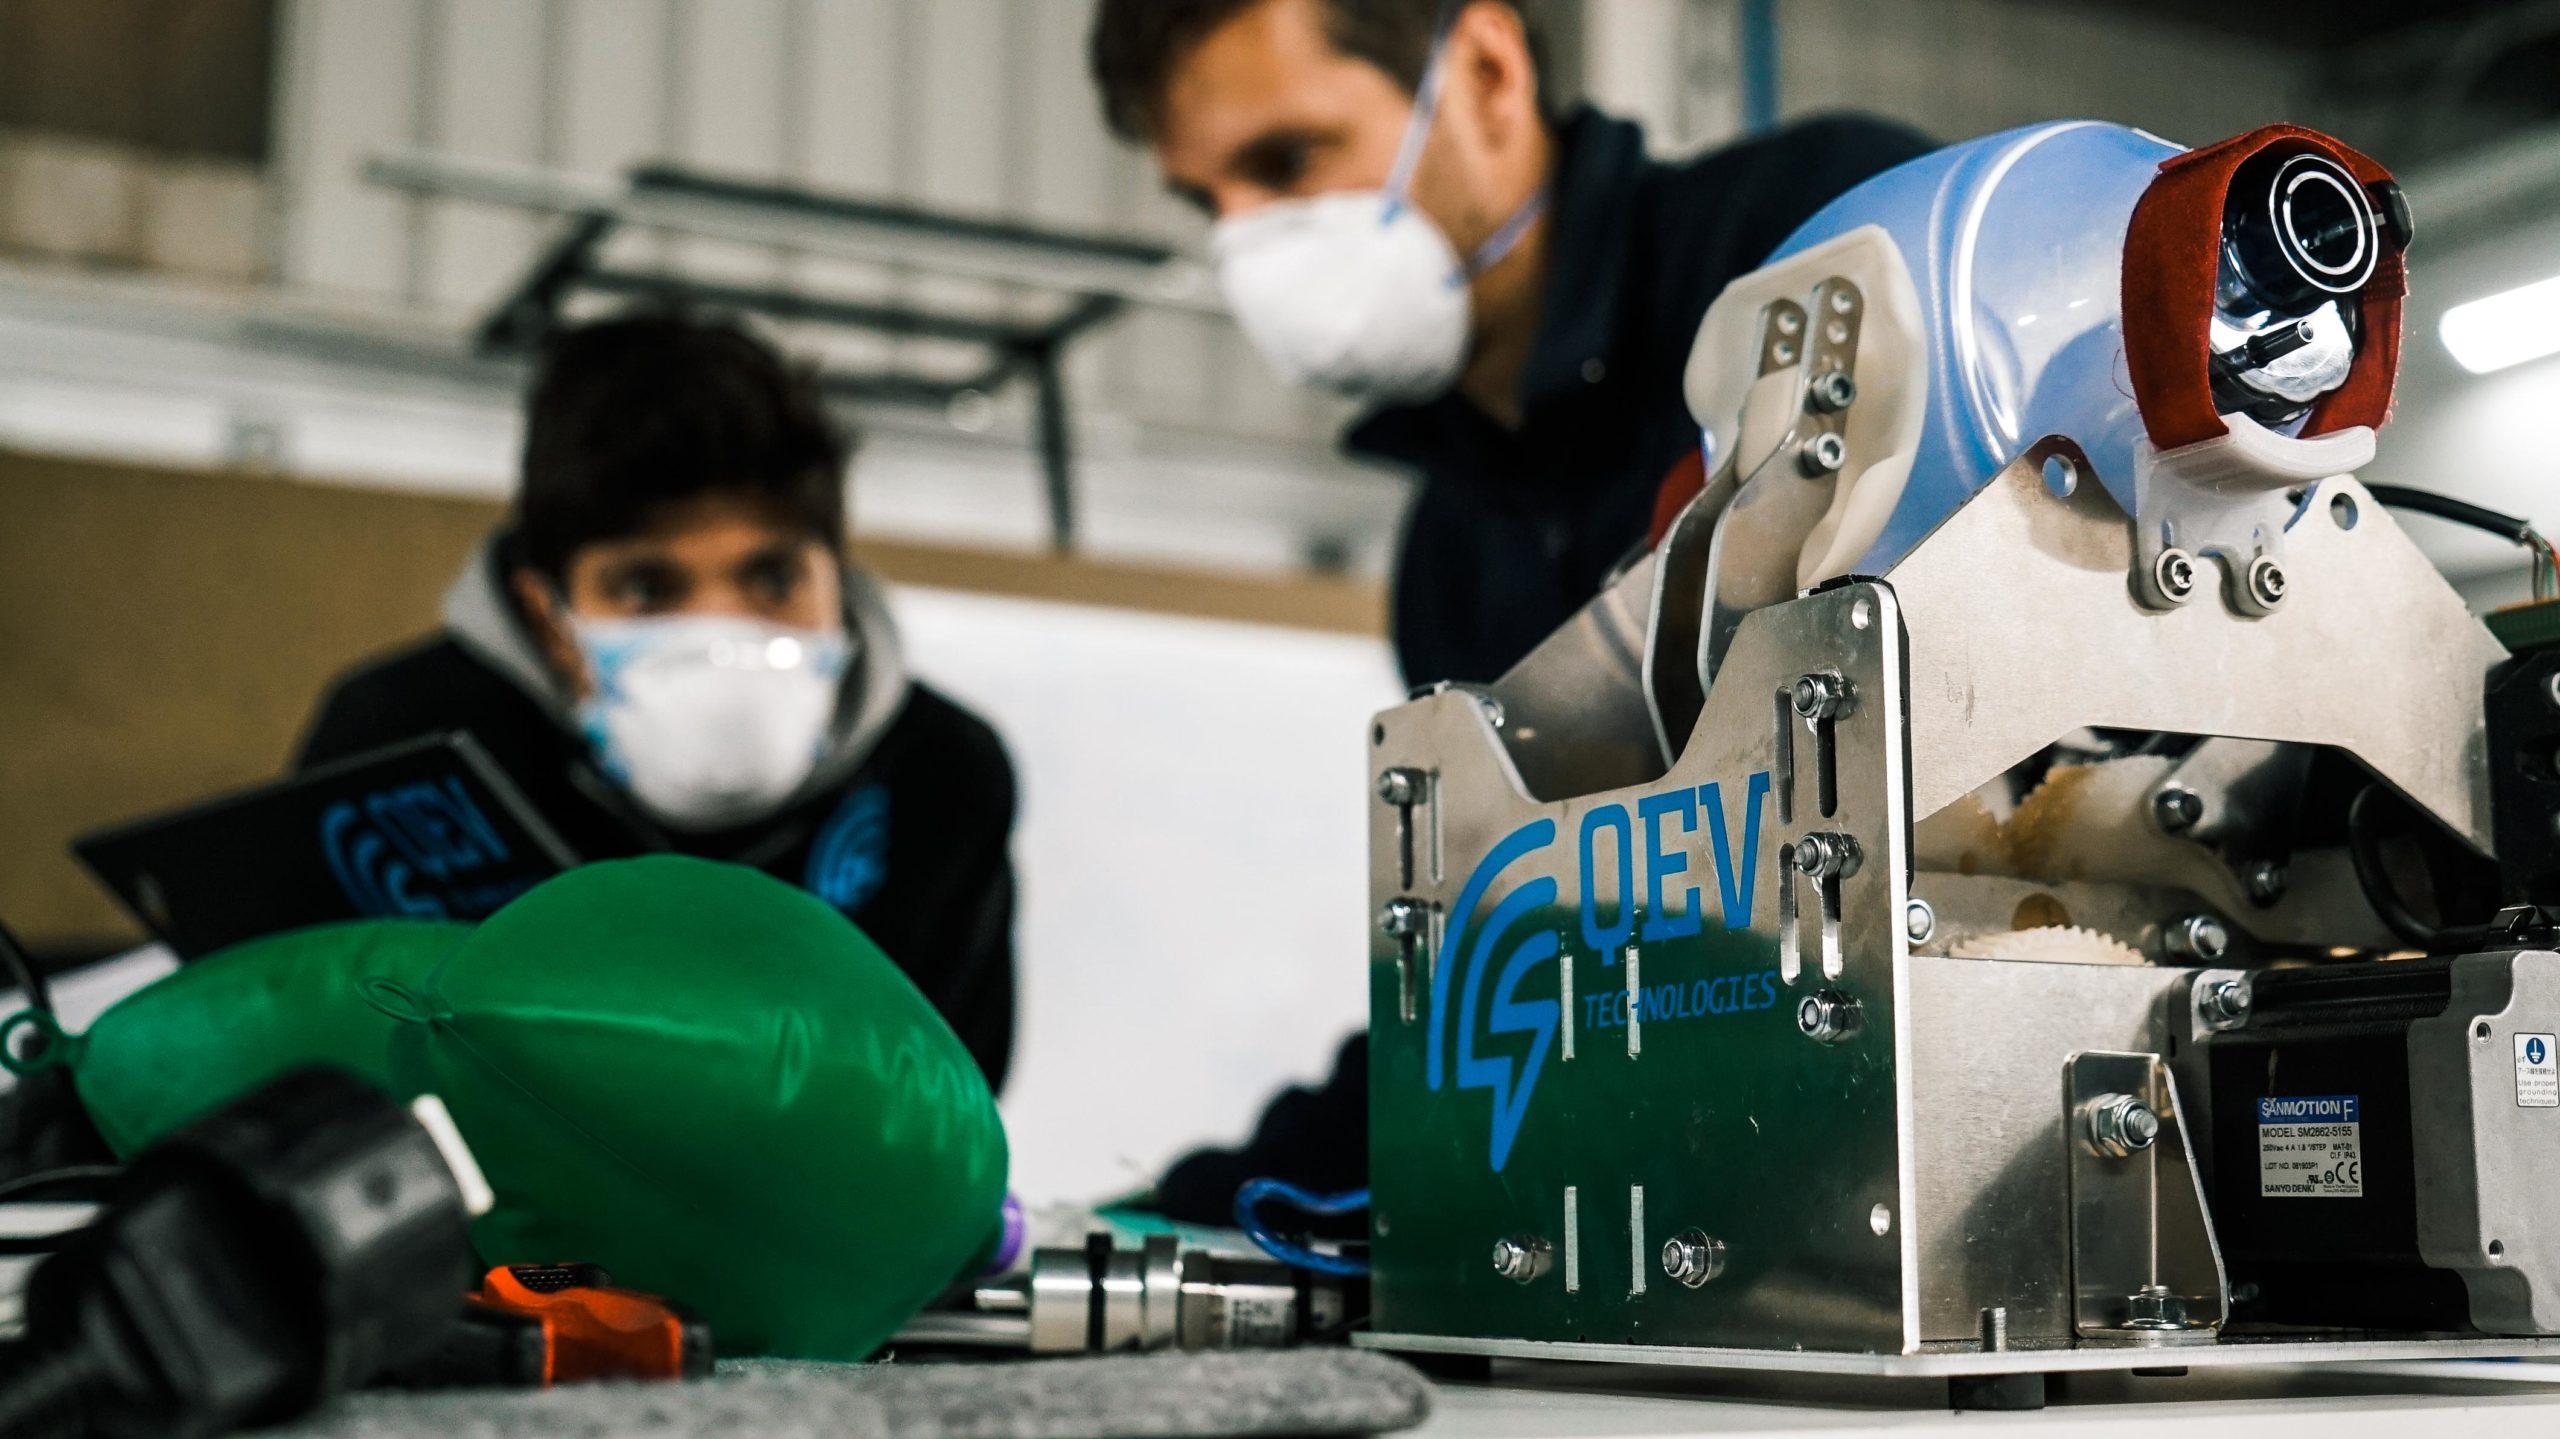 El respirador desenvolupat per Nissan, l'Hospital de Sant Pau, l'enginyeria QEV Technologies i el centre tecnològic Eurecat pensat per abastir els països emergents| Nissan